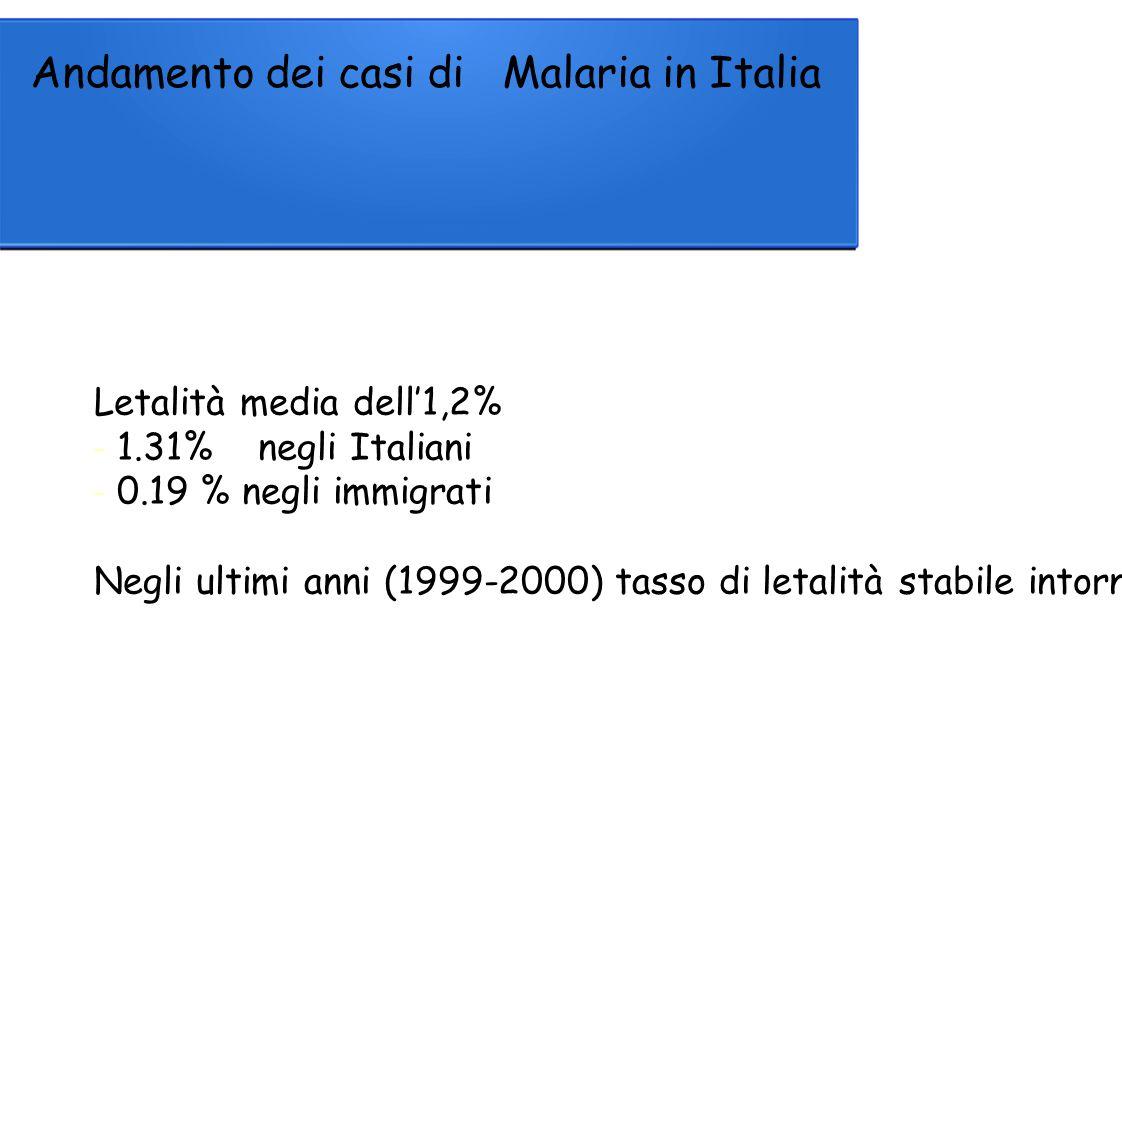 Andamento dei casi di Malaria in Italia